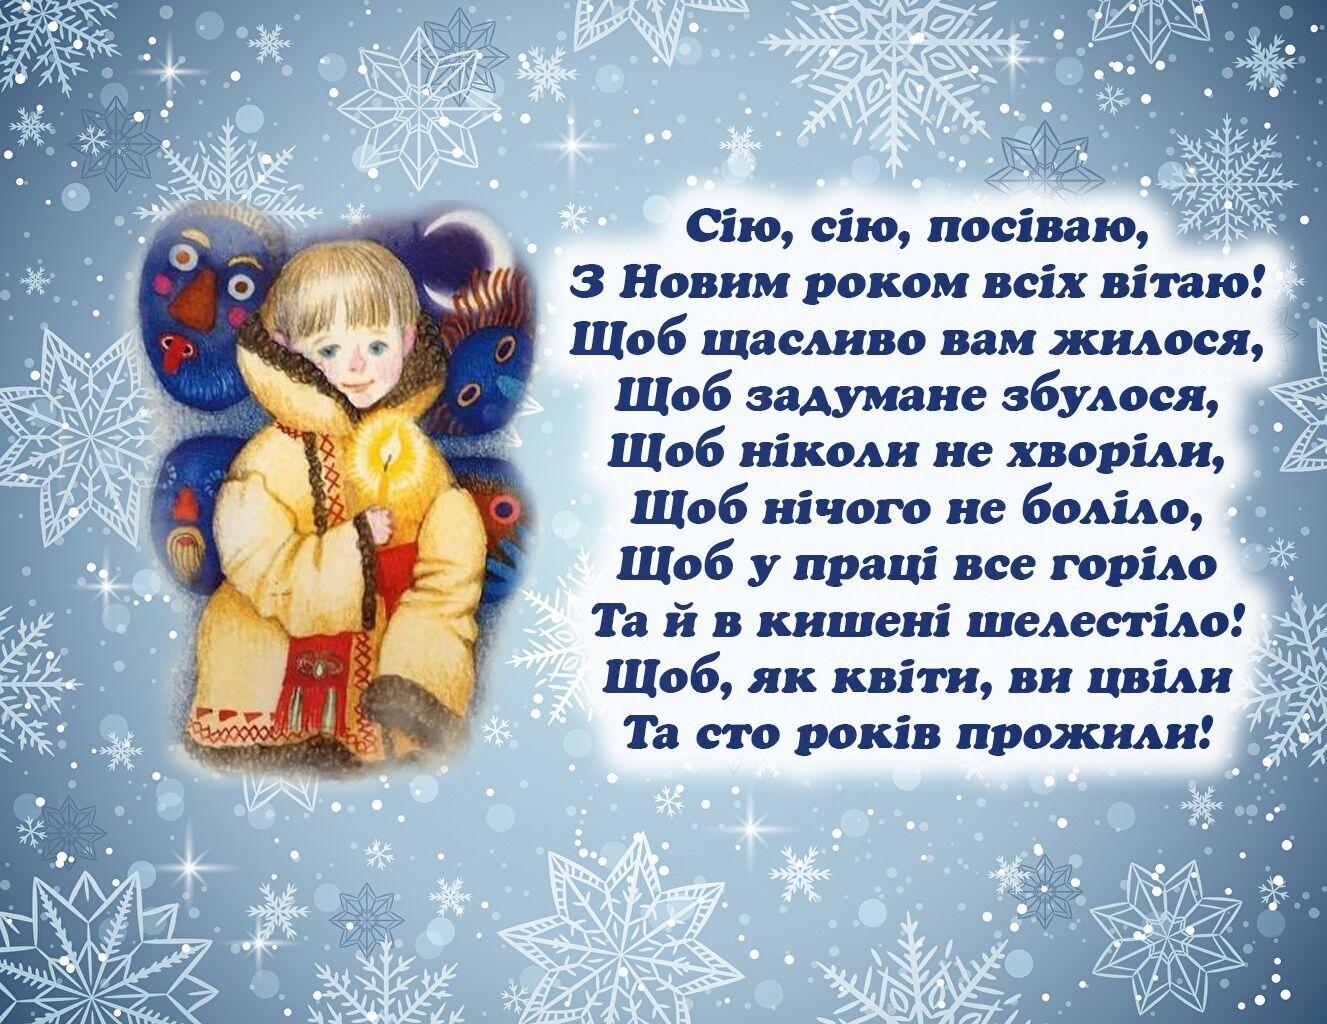 Пожелания в старый Новый год